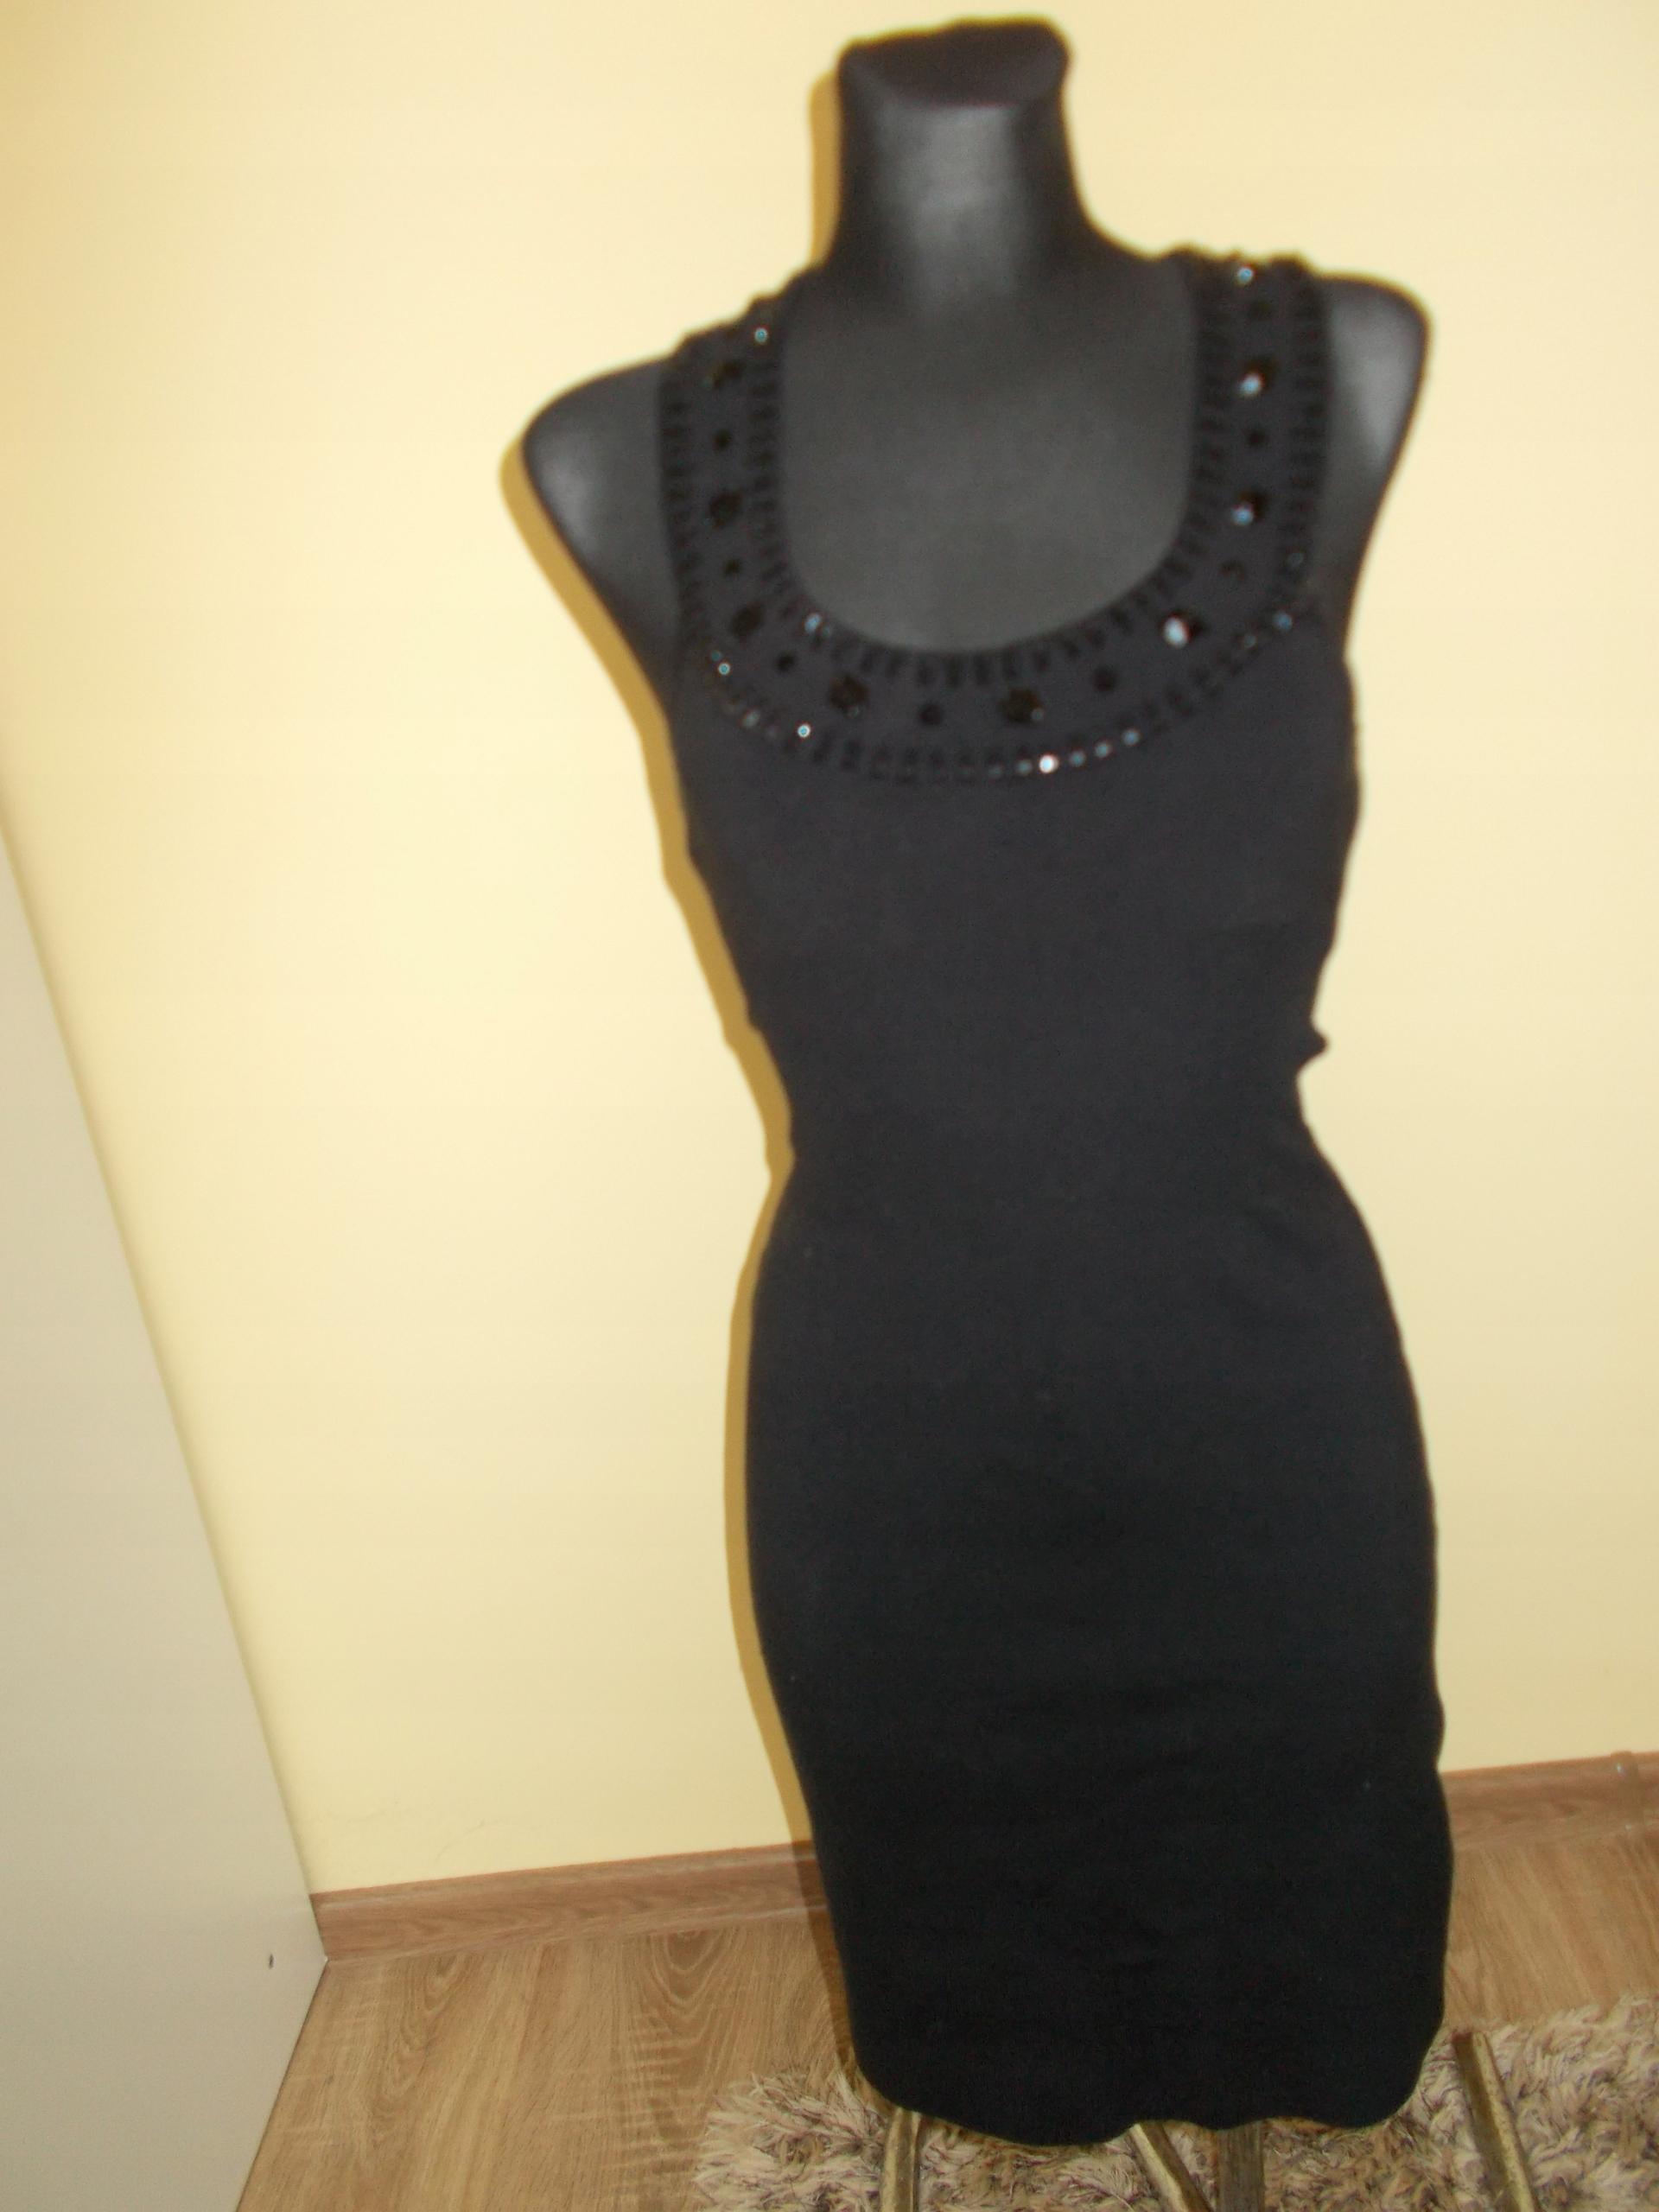 ca39575ca2 Dzianinowa sukienka Bernshaw 36 jedwab - 7652851694 - oficjalne ...